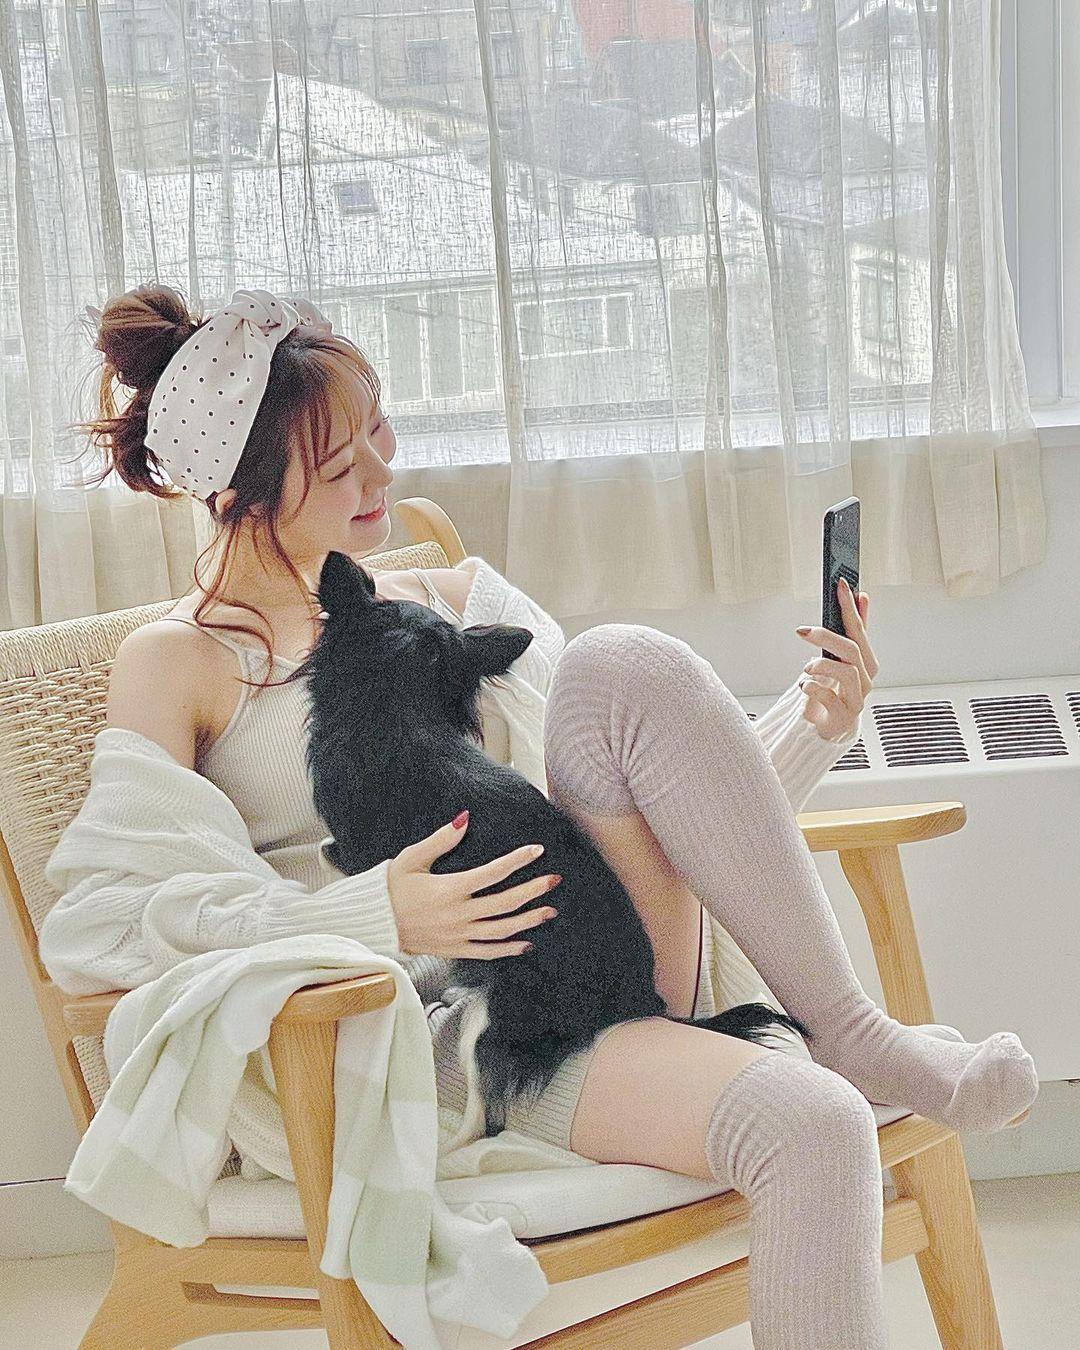 元NMB48渡辺美優紀「清潔感あるインナーウェア姿…」雑誌掲載のオフショットを披露にファン歓喜【画像5枚】の画像002